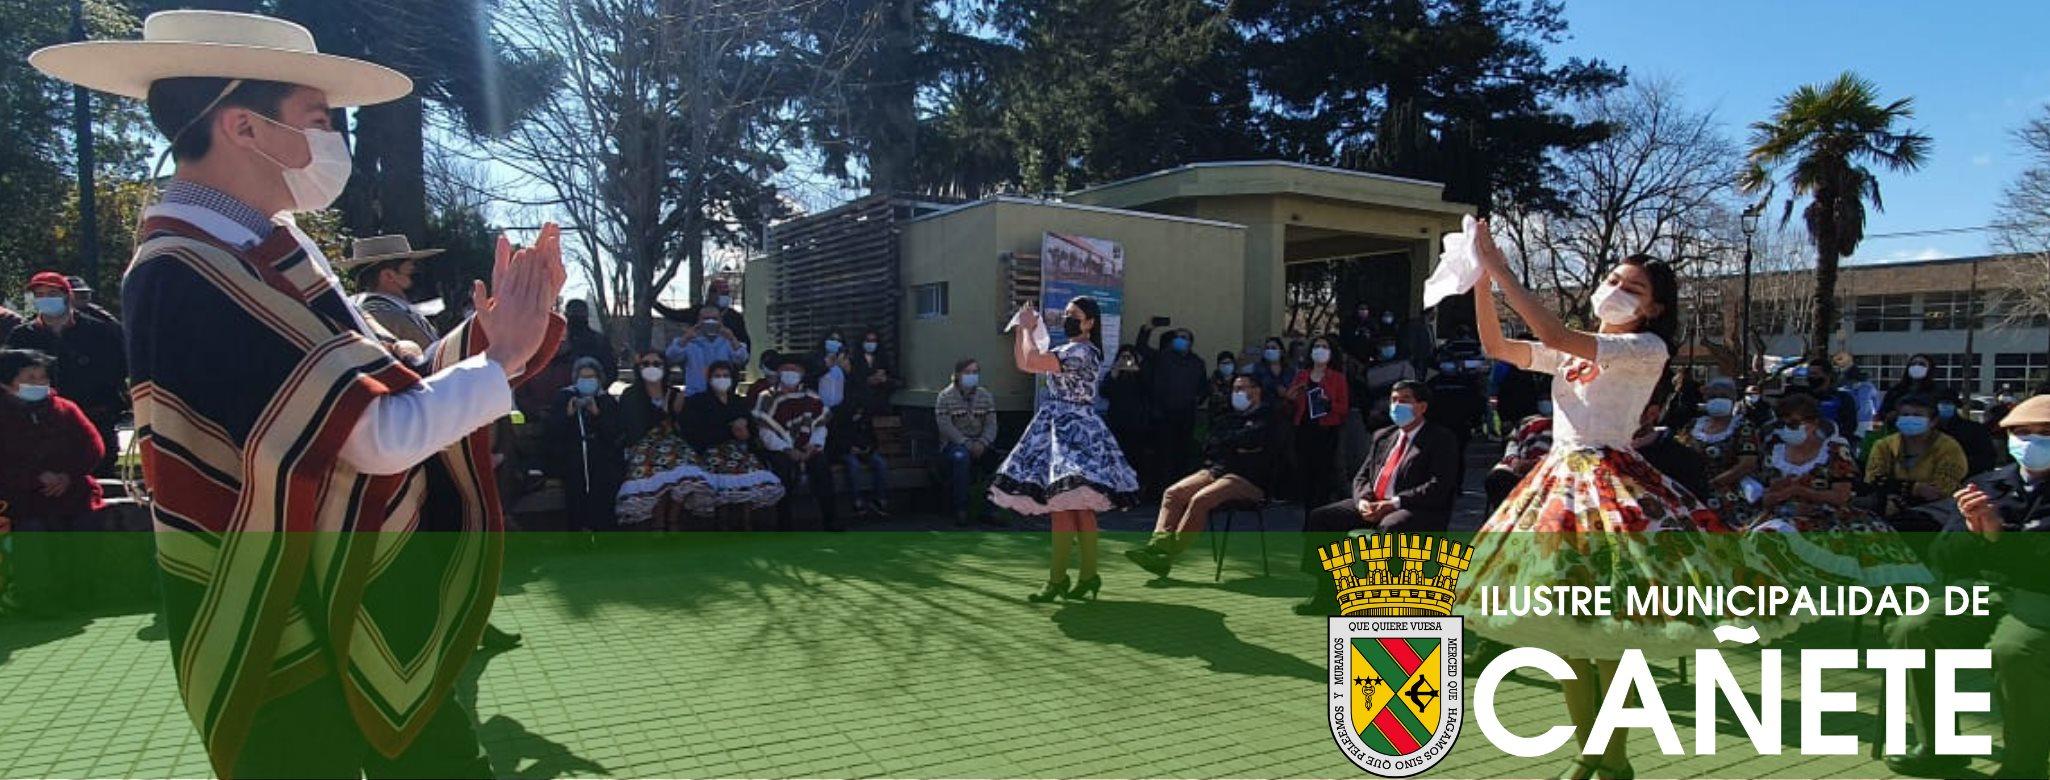 Municipalidad de Cañete Chile, celebra convenio con la Universidad Católica de Manizales